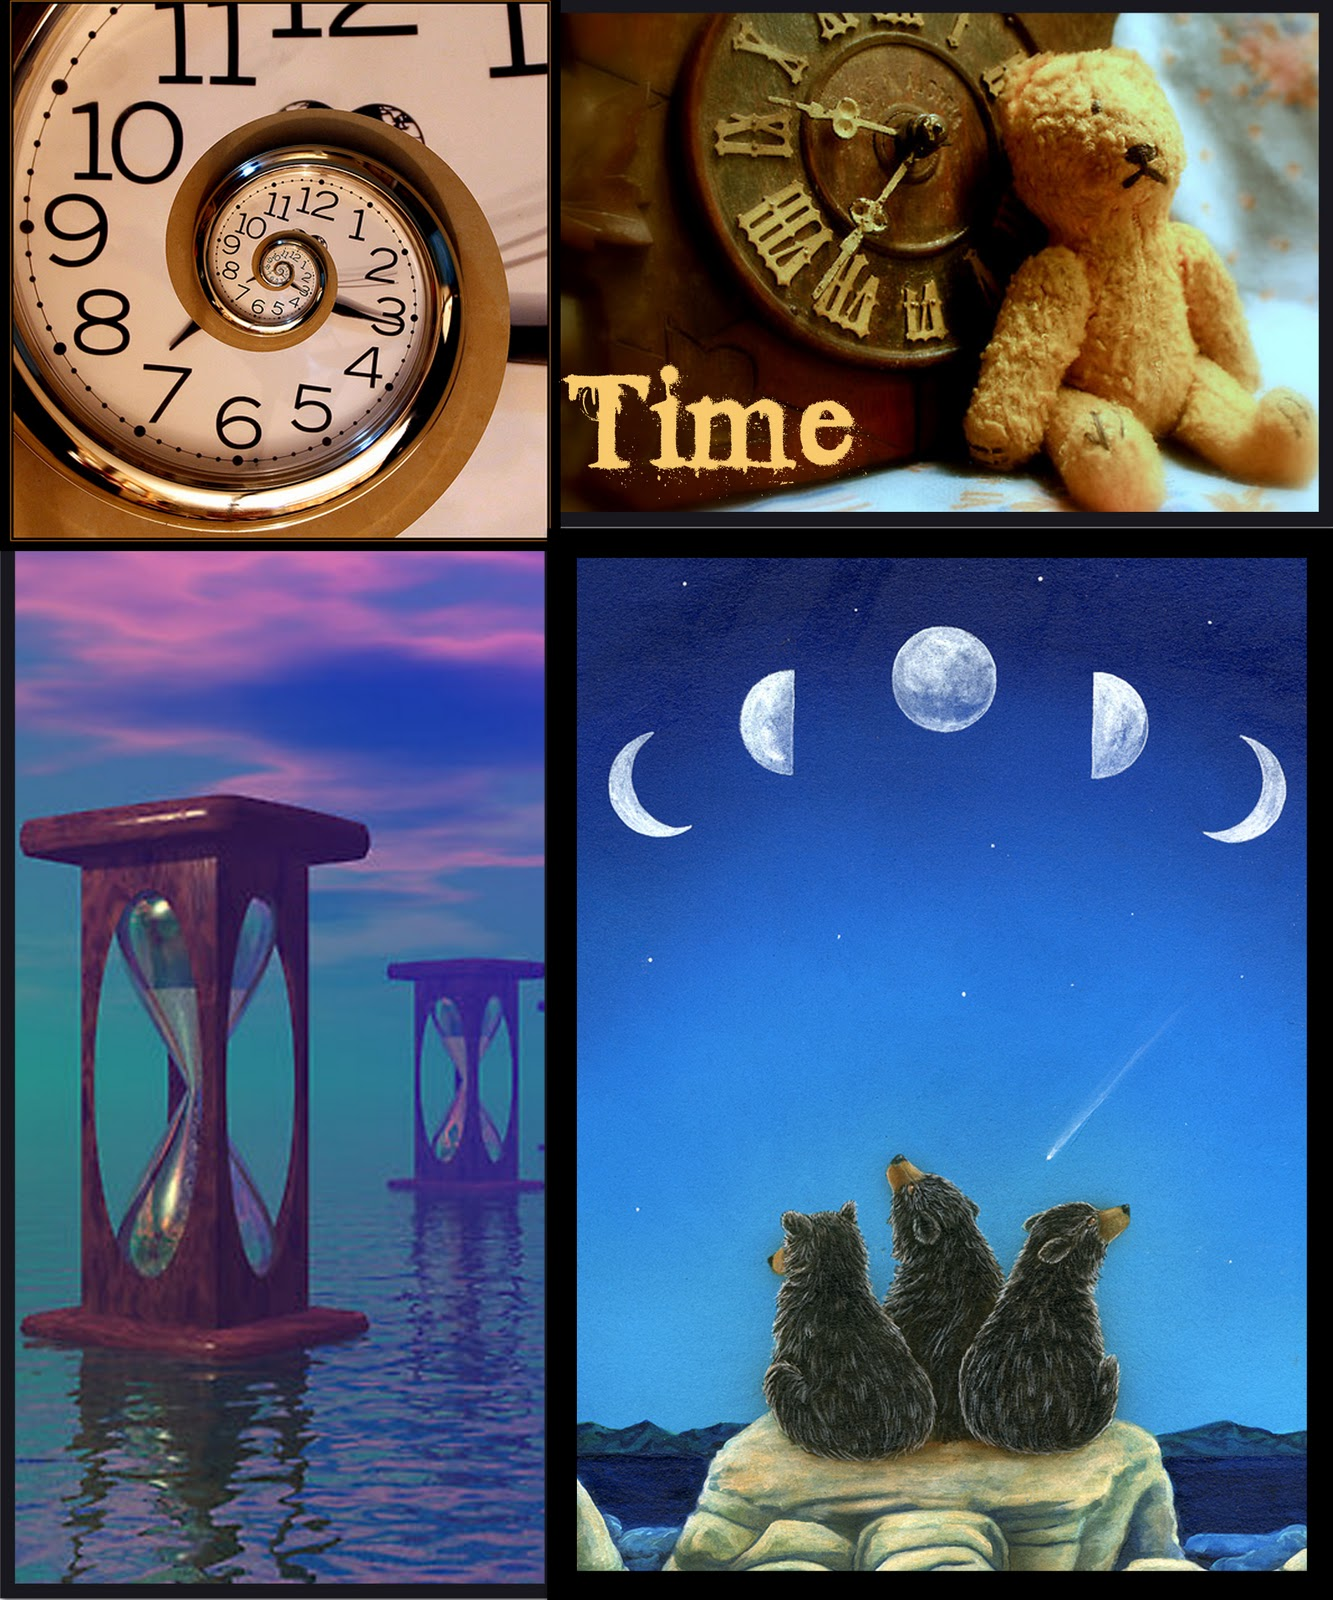 http://4.bp.blogspot.com/--8UuYZ7kA-8/Tq2ZcAWYasI/AAAAAAAAG1M/mychZVF7ryo/s1600/Time_edited-1.jpg